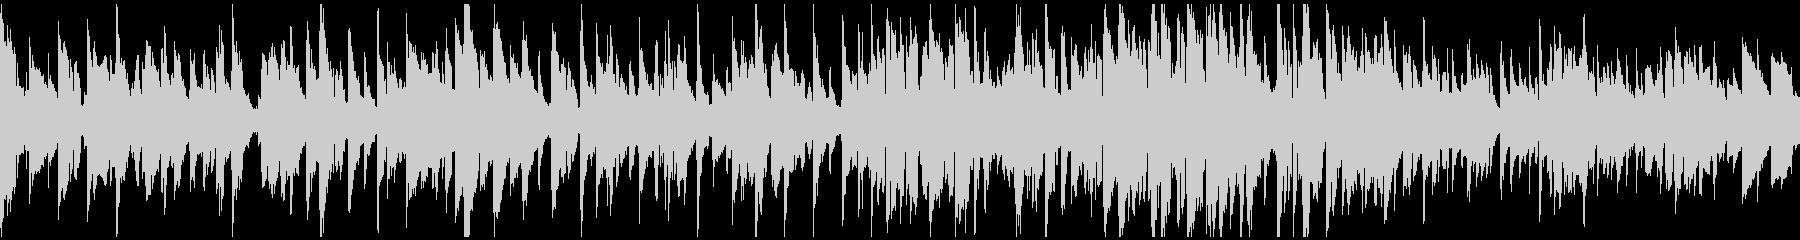 センチメンタルなジャズワルツ ※ループ版の未再生の波形